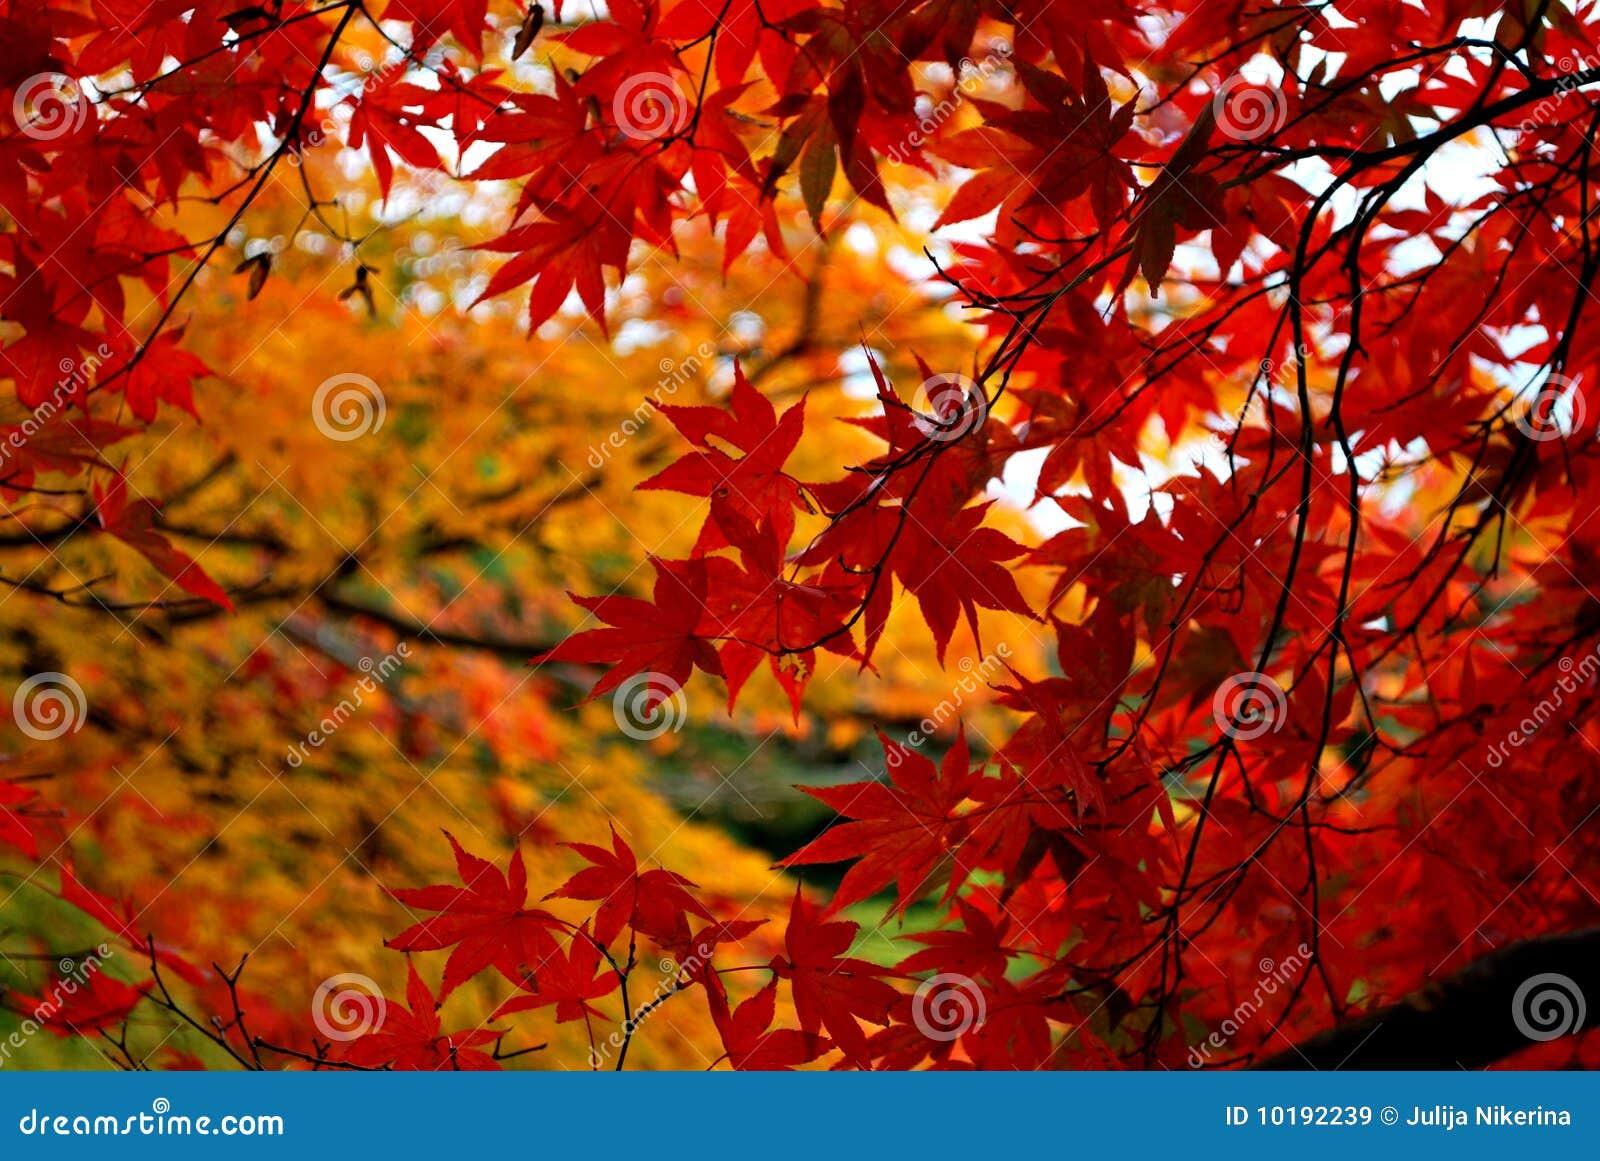 Árbol de arce en otoño